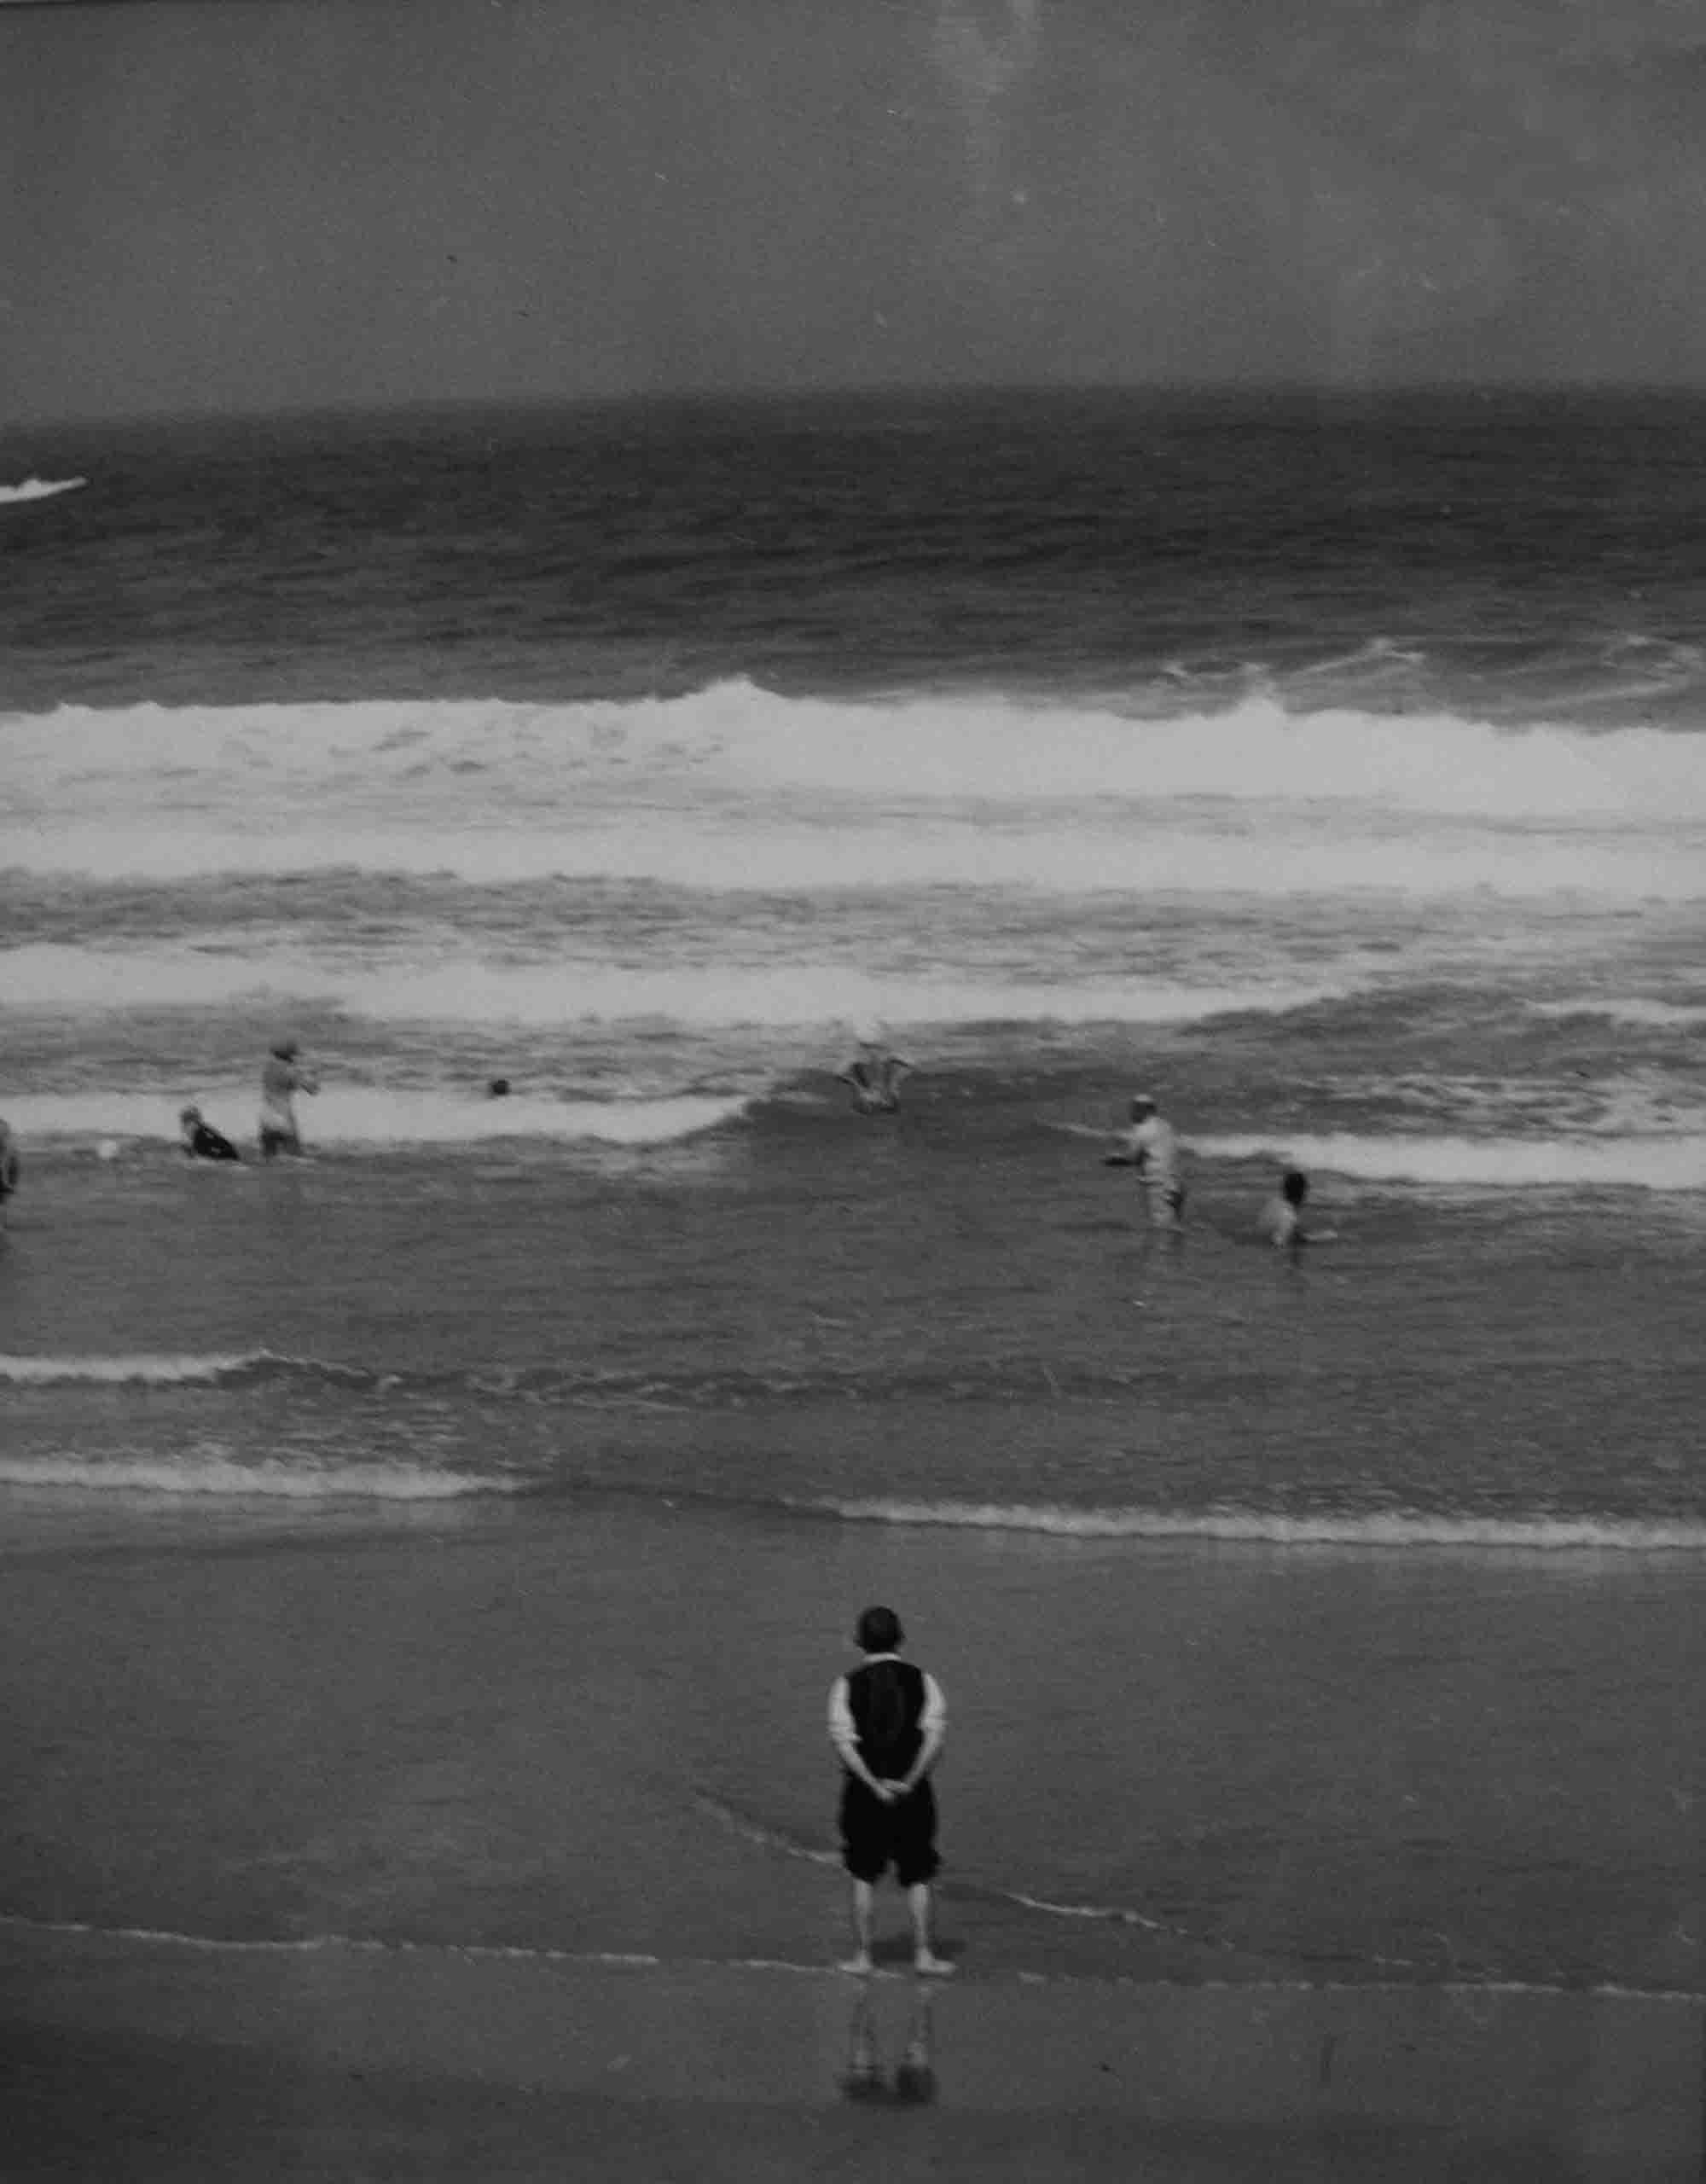 Ribadesella, ca. 1955 - 1965<br/>